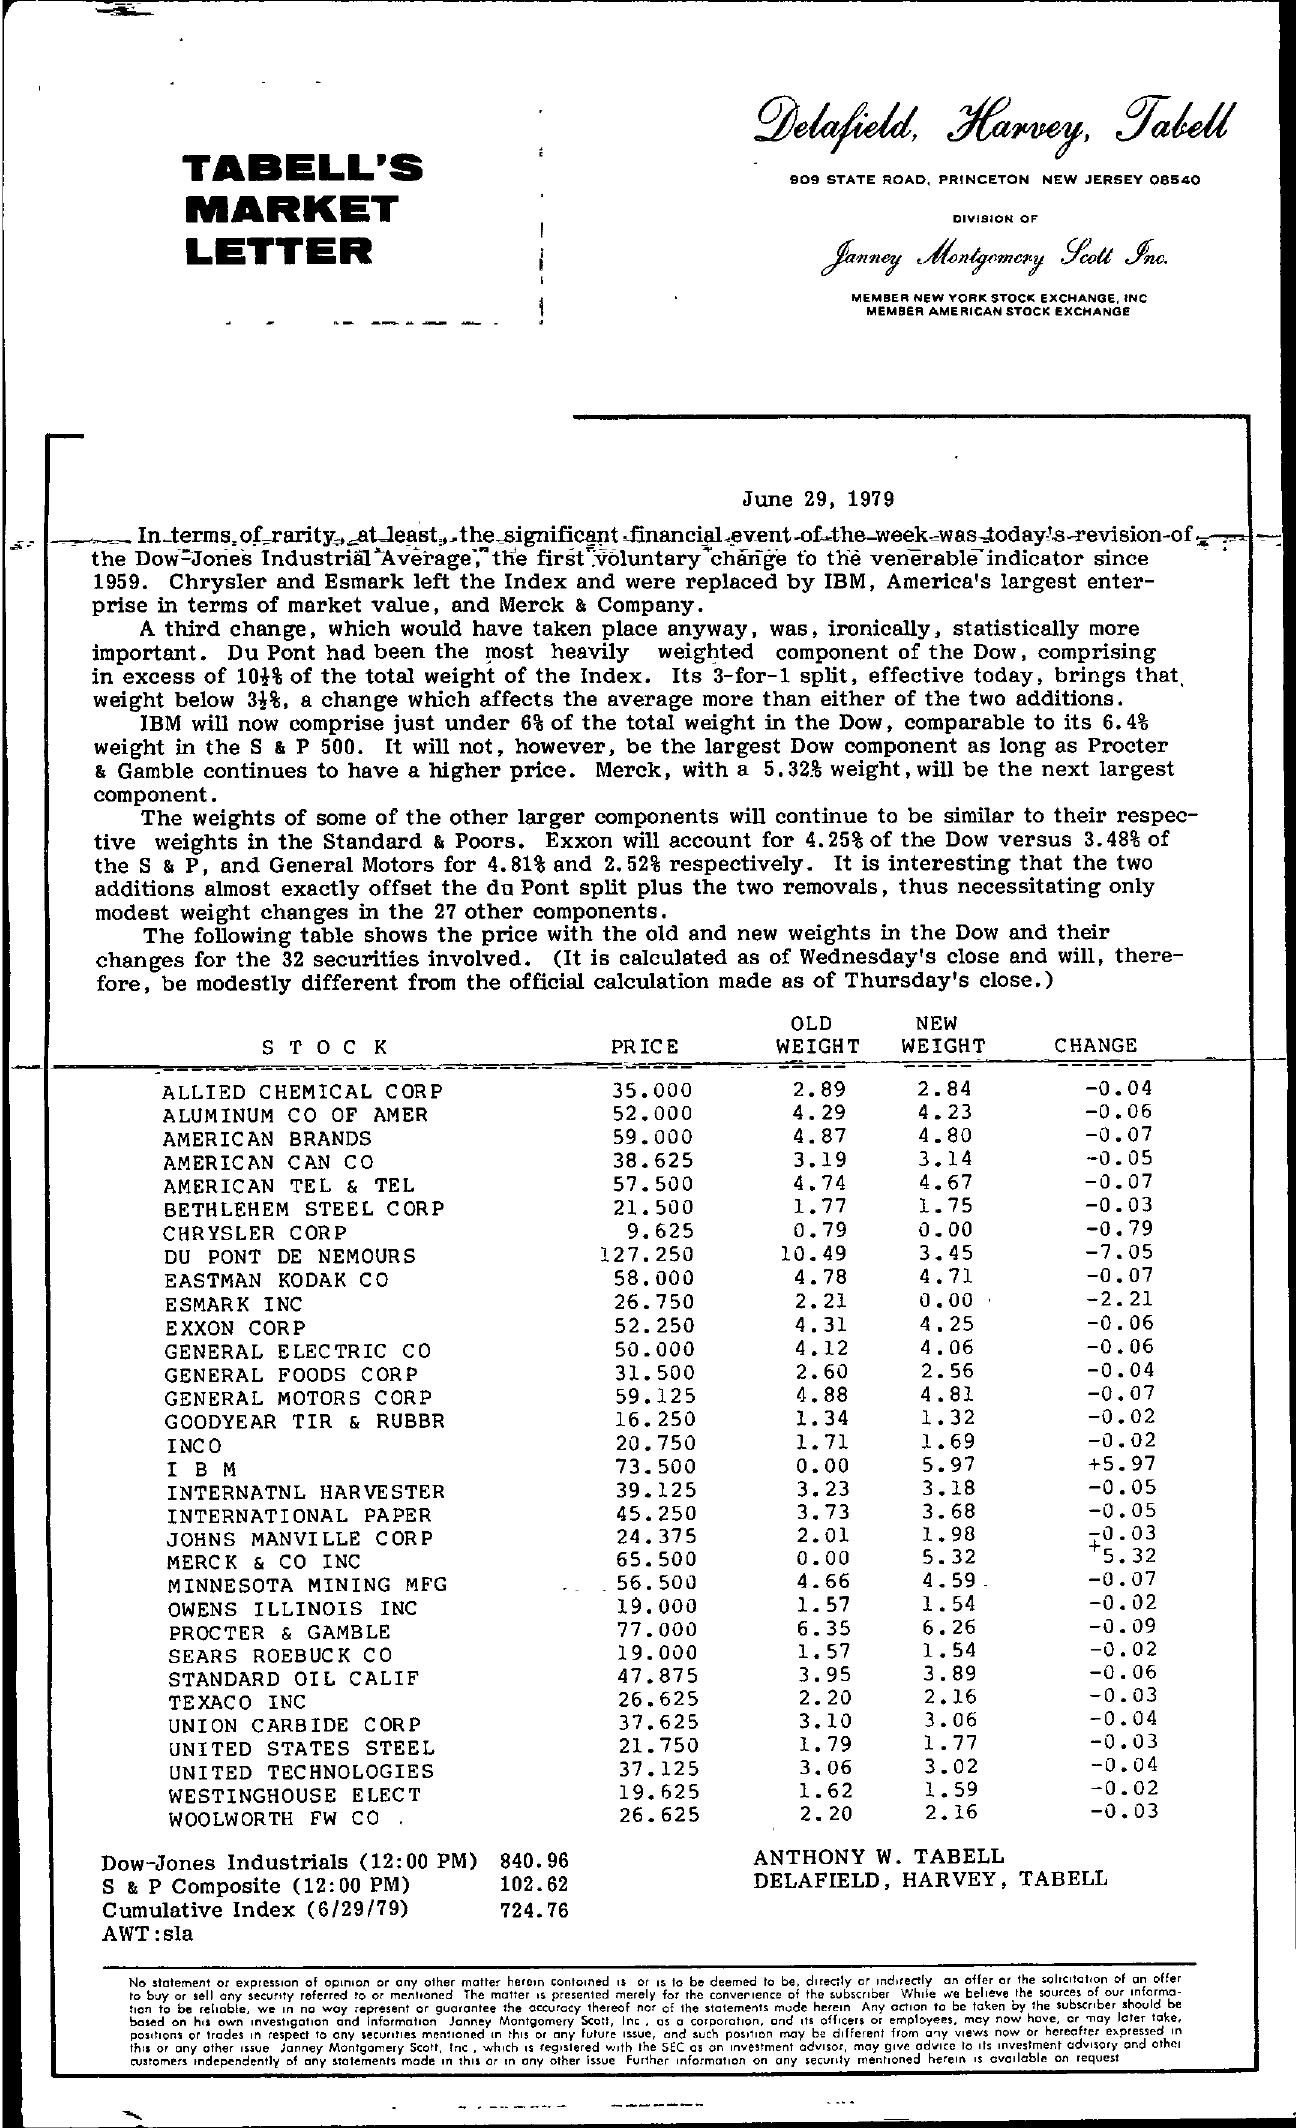 Tabell's Market Letter - June 29, 1979